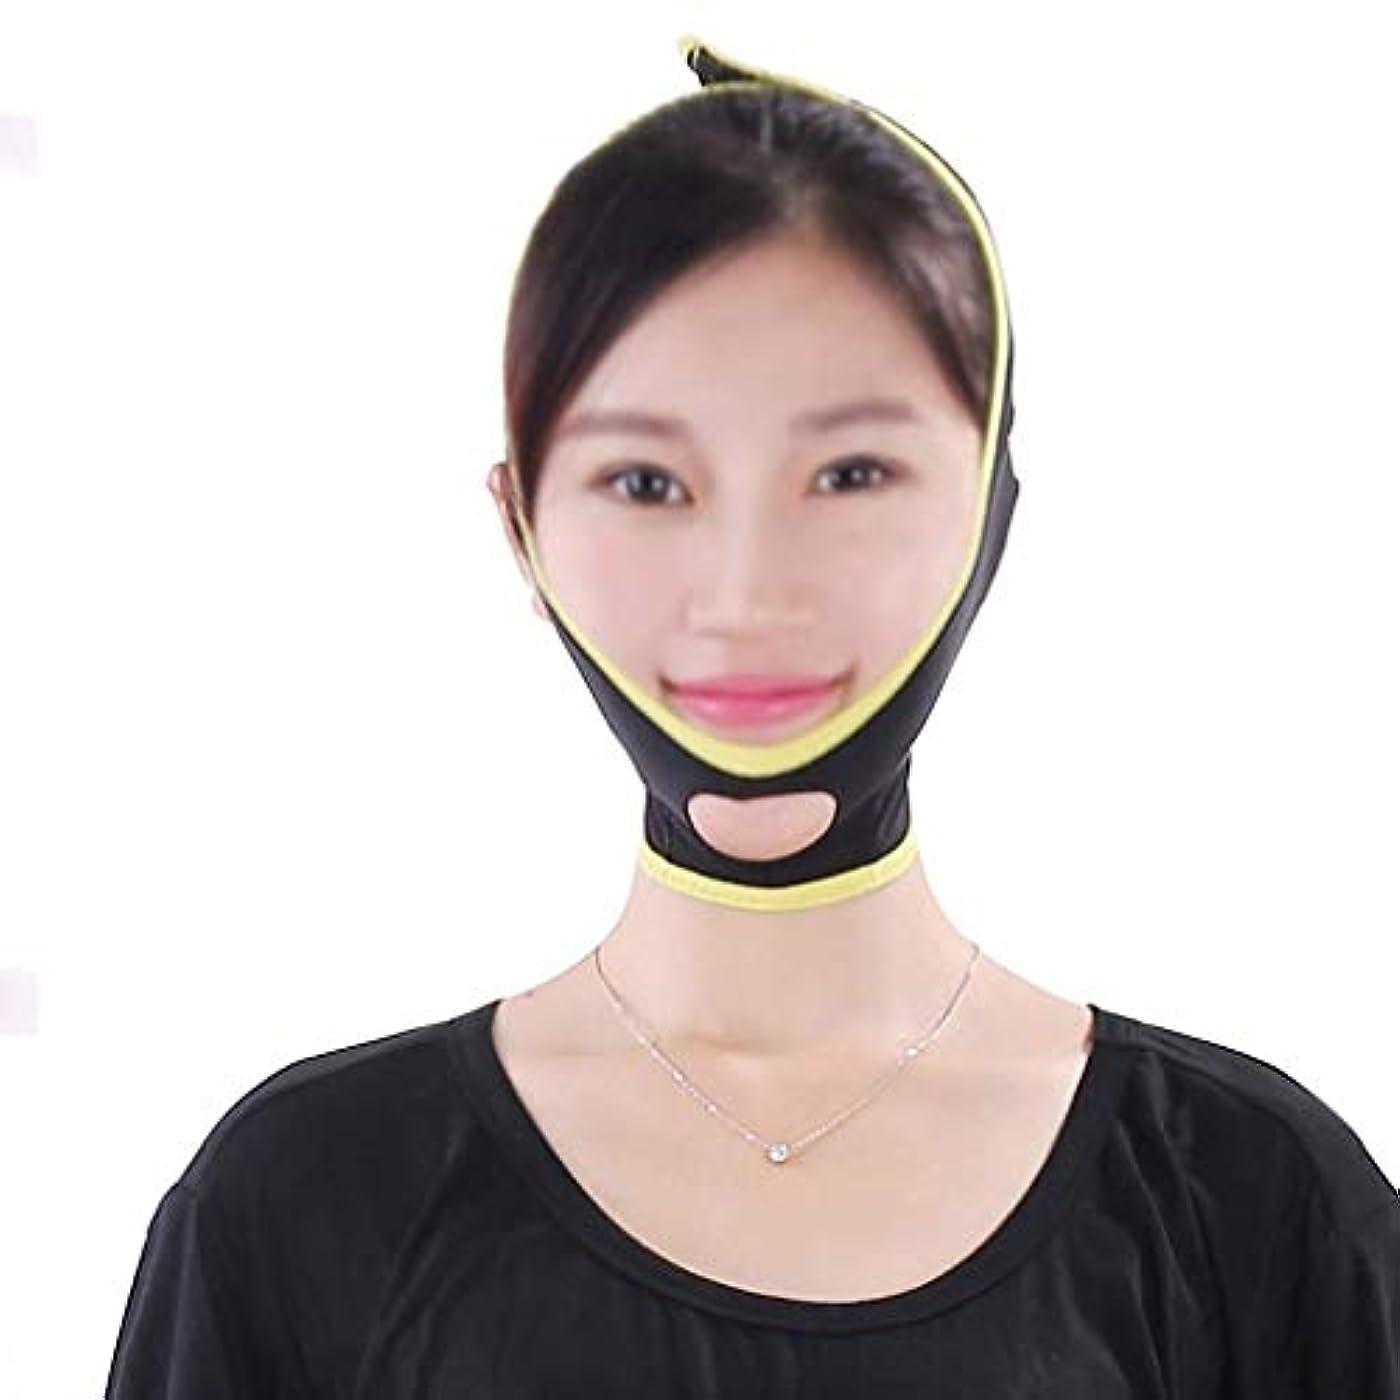 支援義務しっとり顔のマスク、男性と女性の顔リフティングアーティファクト包帯美容リフティング引き締めサイズV顔ダブルチン睡眠マスク埋め込みシルク彫刻Slim身ベルト(サイズ:M)